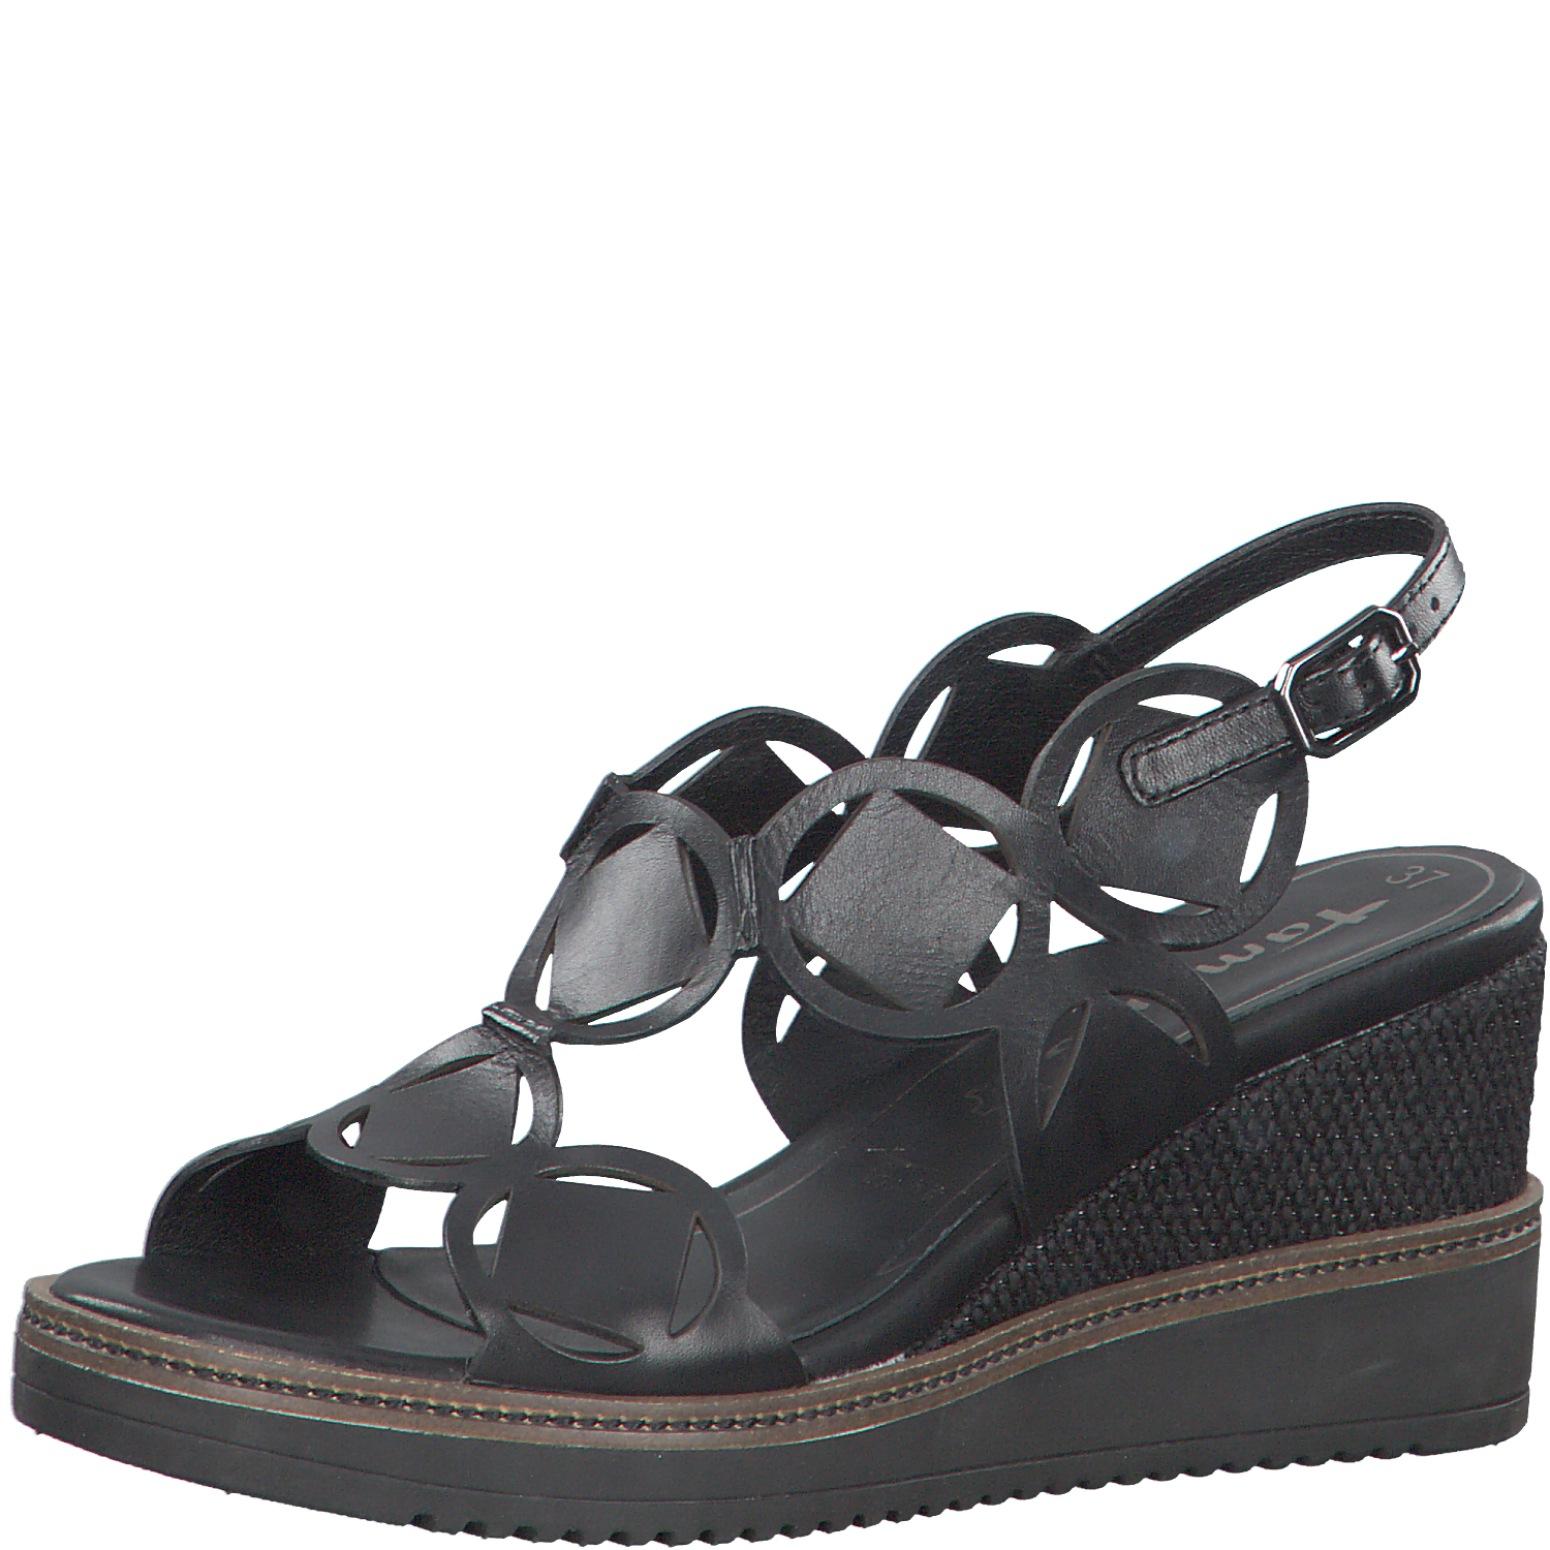 Nahkainen naisten sandaali   Musta väri   301